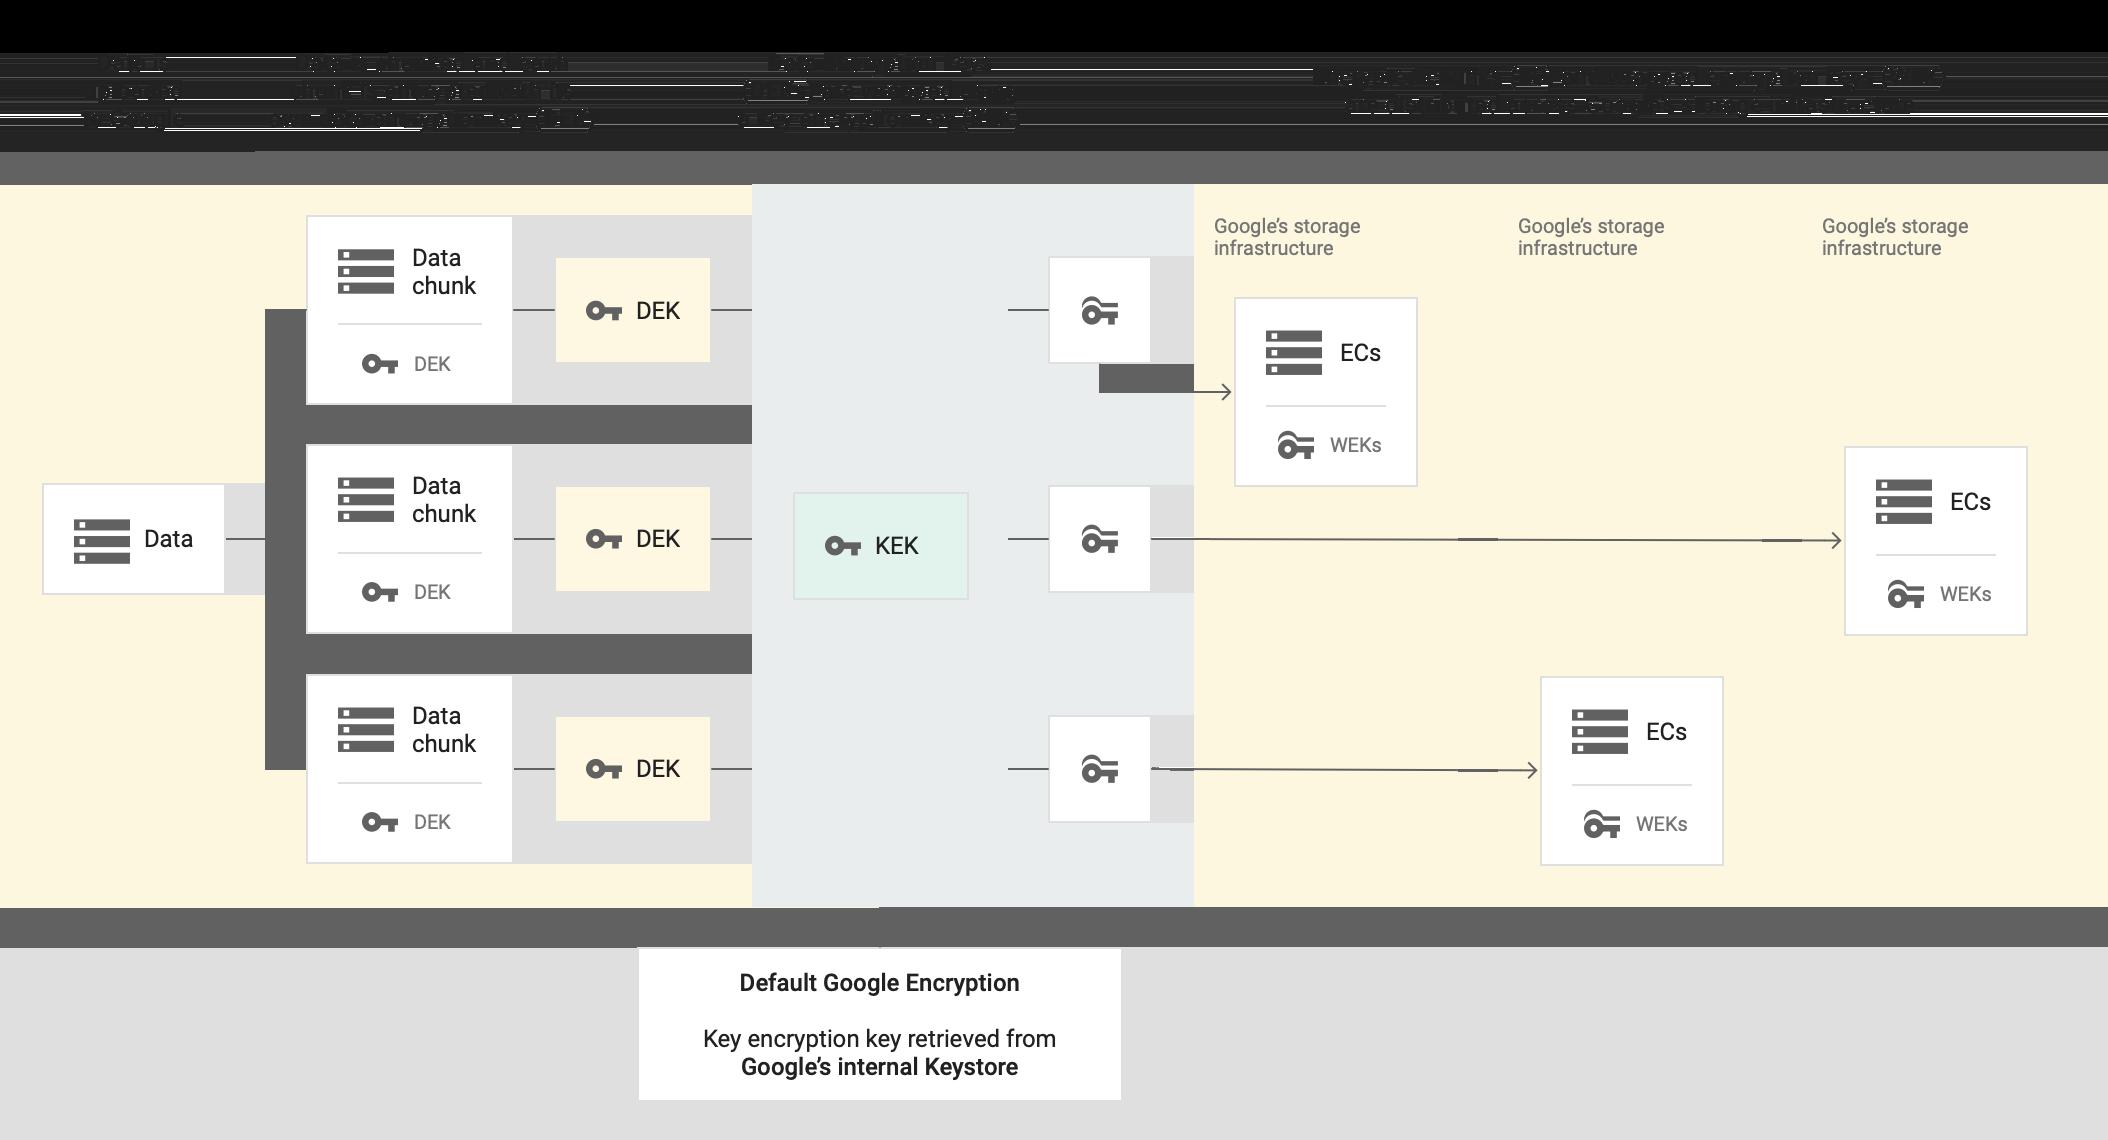 Los datos se suben a Google y luego se fragmentan; cada fragmento se encripta con su propia clave de encriptación de datos. Las claves de encriptación de datos se unen mediante una clave de encriptación de claves. Con la encriptación predeterminada de Google, la clave de encriptación de claves se recupera del almacén de claves interno de Google. Los fragmentos encriptados y las claves de encriptación unidas se distribuyen en la infraestructura de almacenamiento de Google.